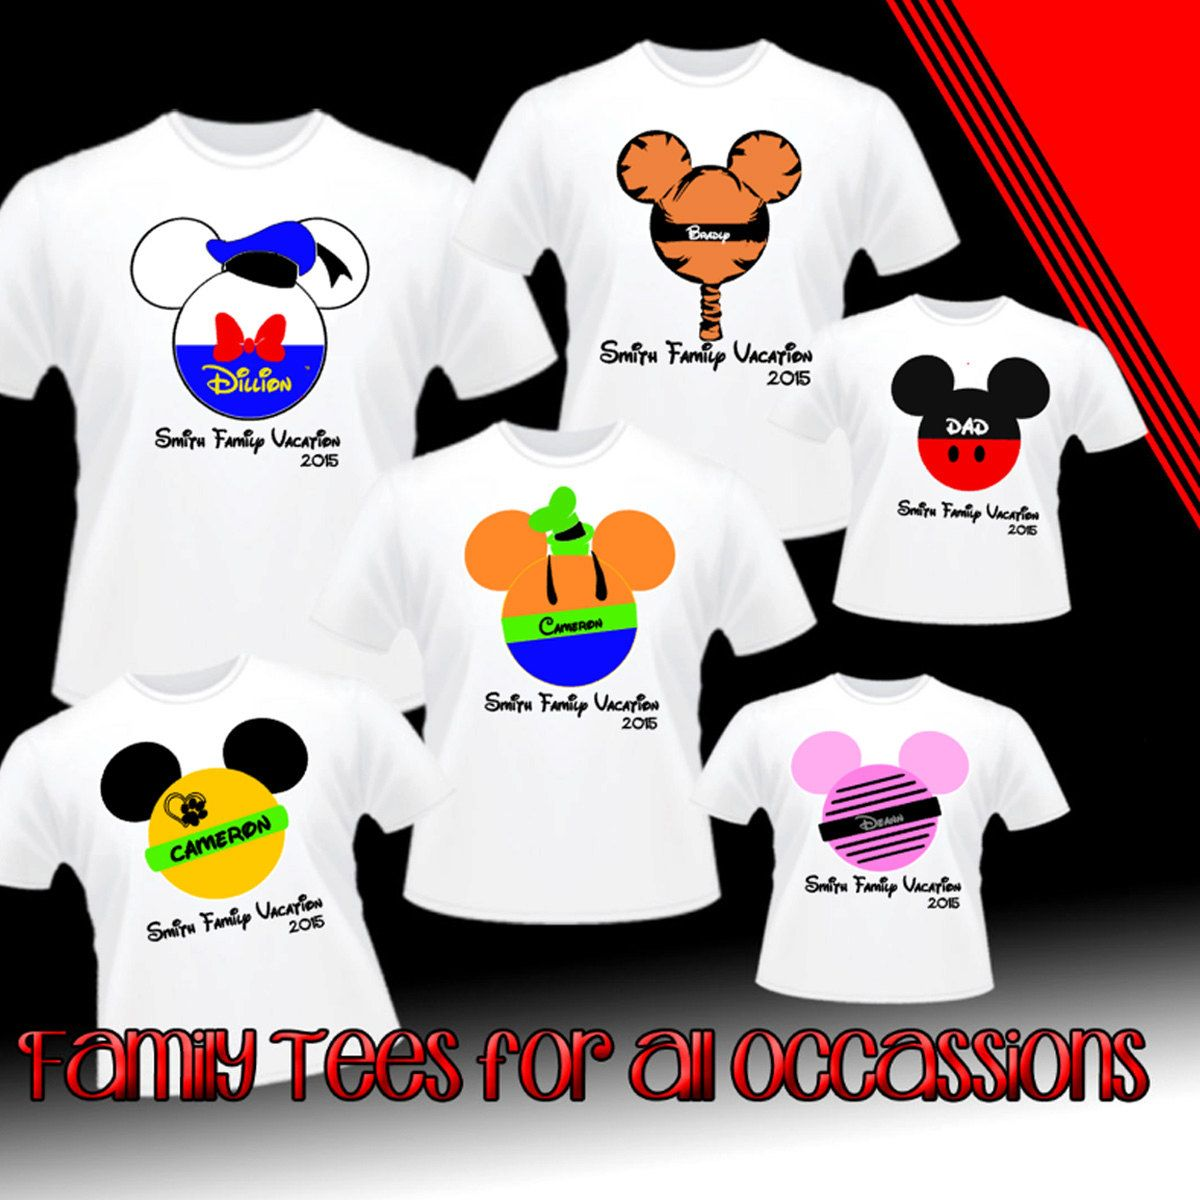 Goofy Iron-On T-Shirt Transfer w//FREE Personalization